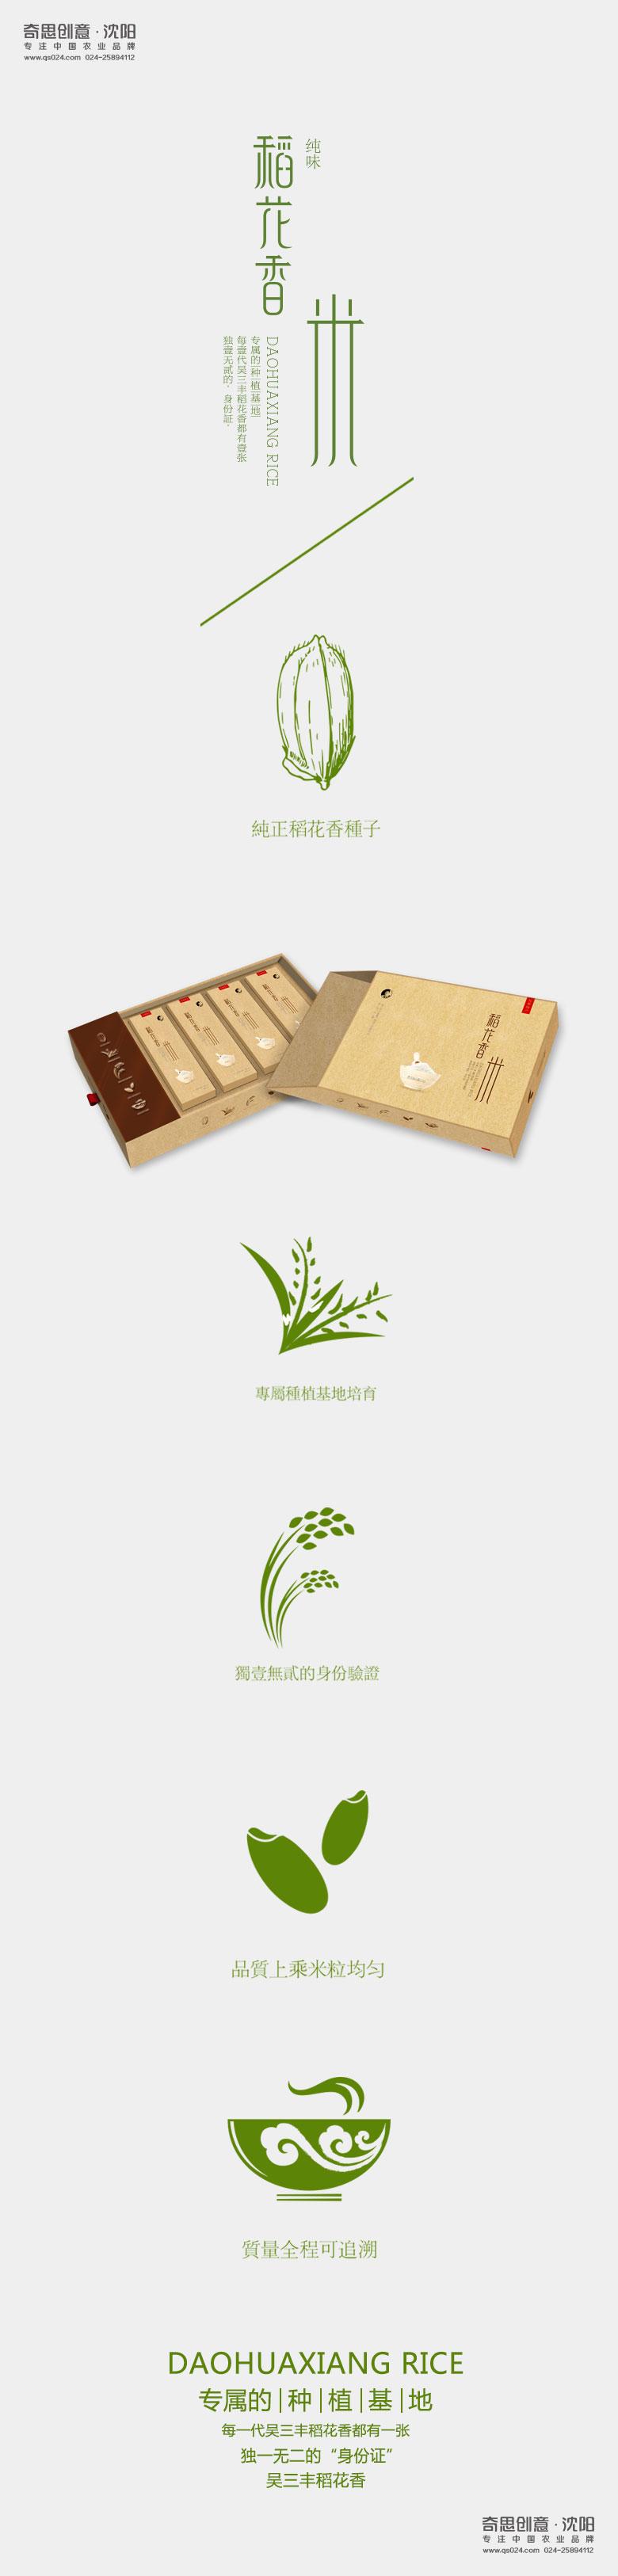 吴三丰包装设计 大米礼盒设计 沈阳奇思创意